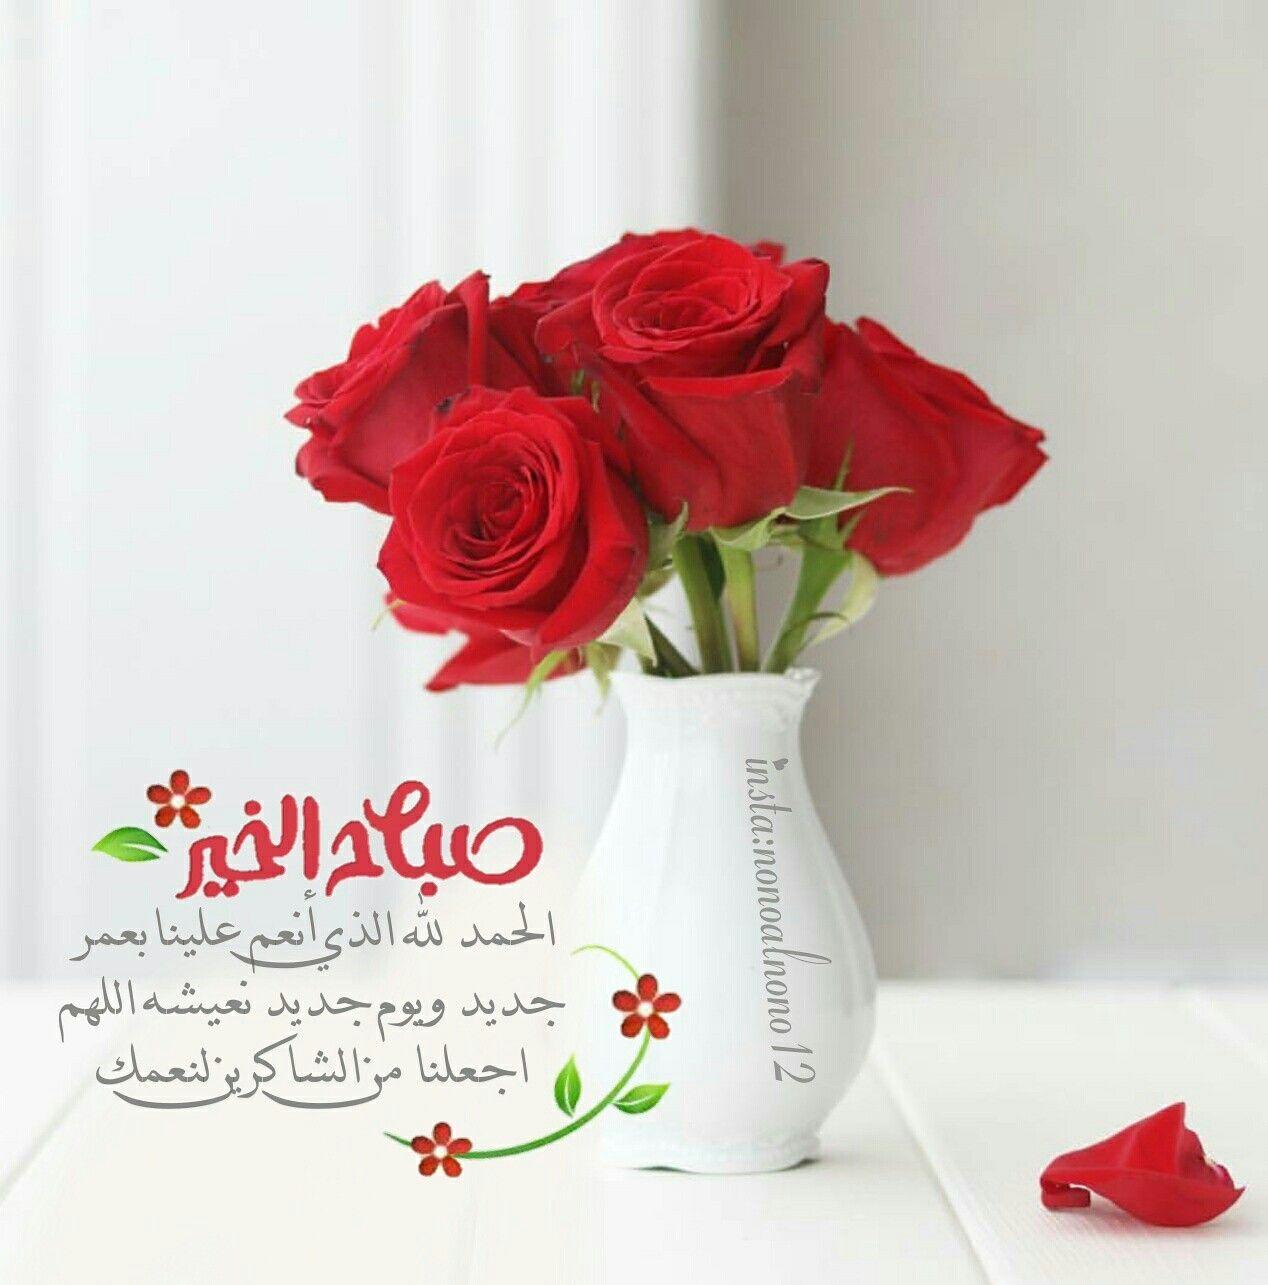 صباح الخير Beautiful Morning Messages Morning Greeting Flower Girl Photos